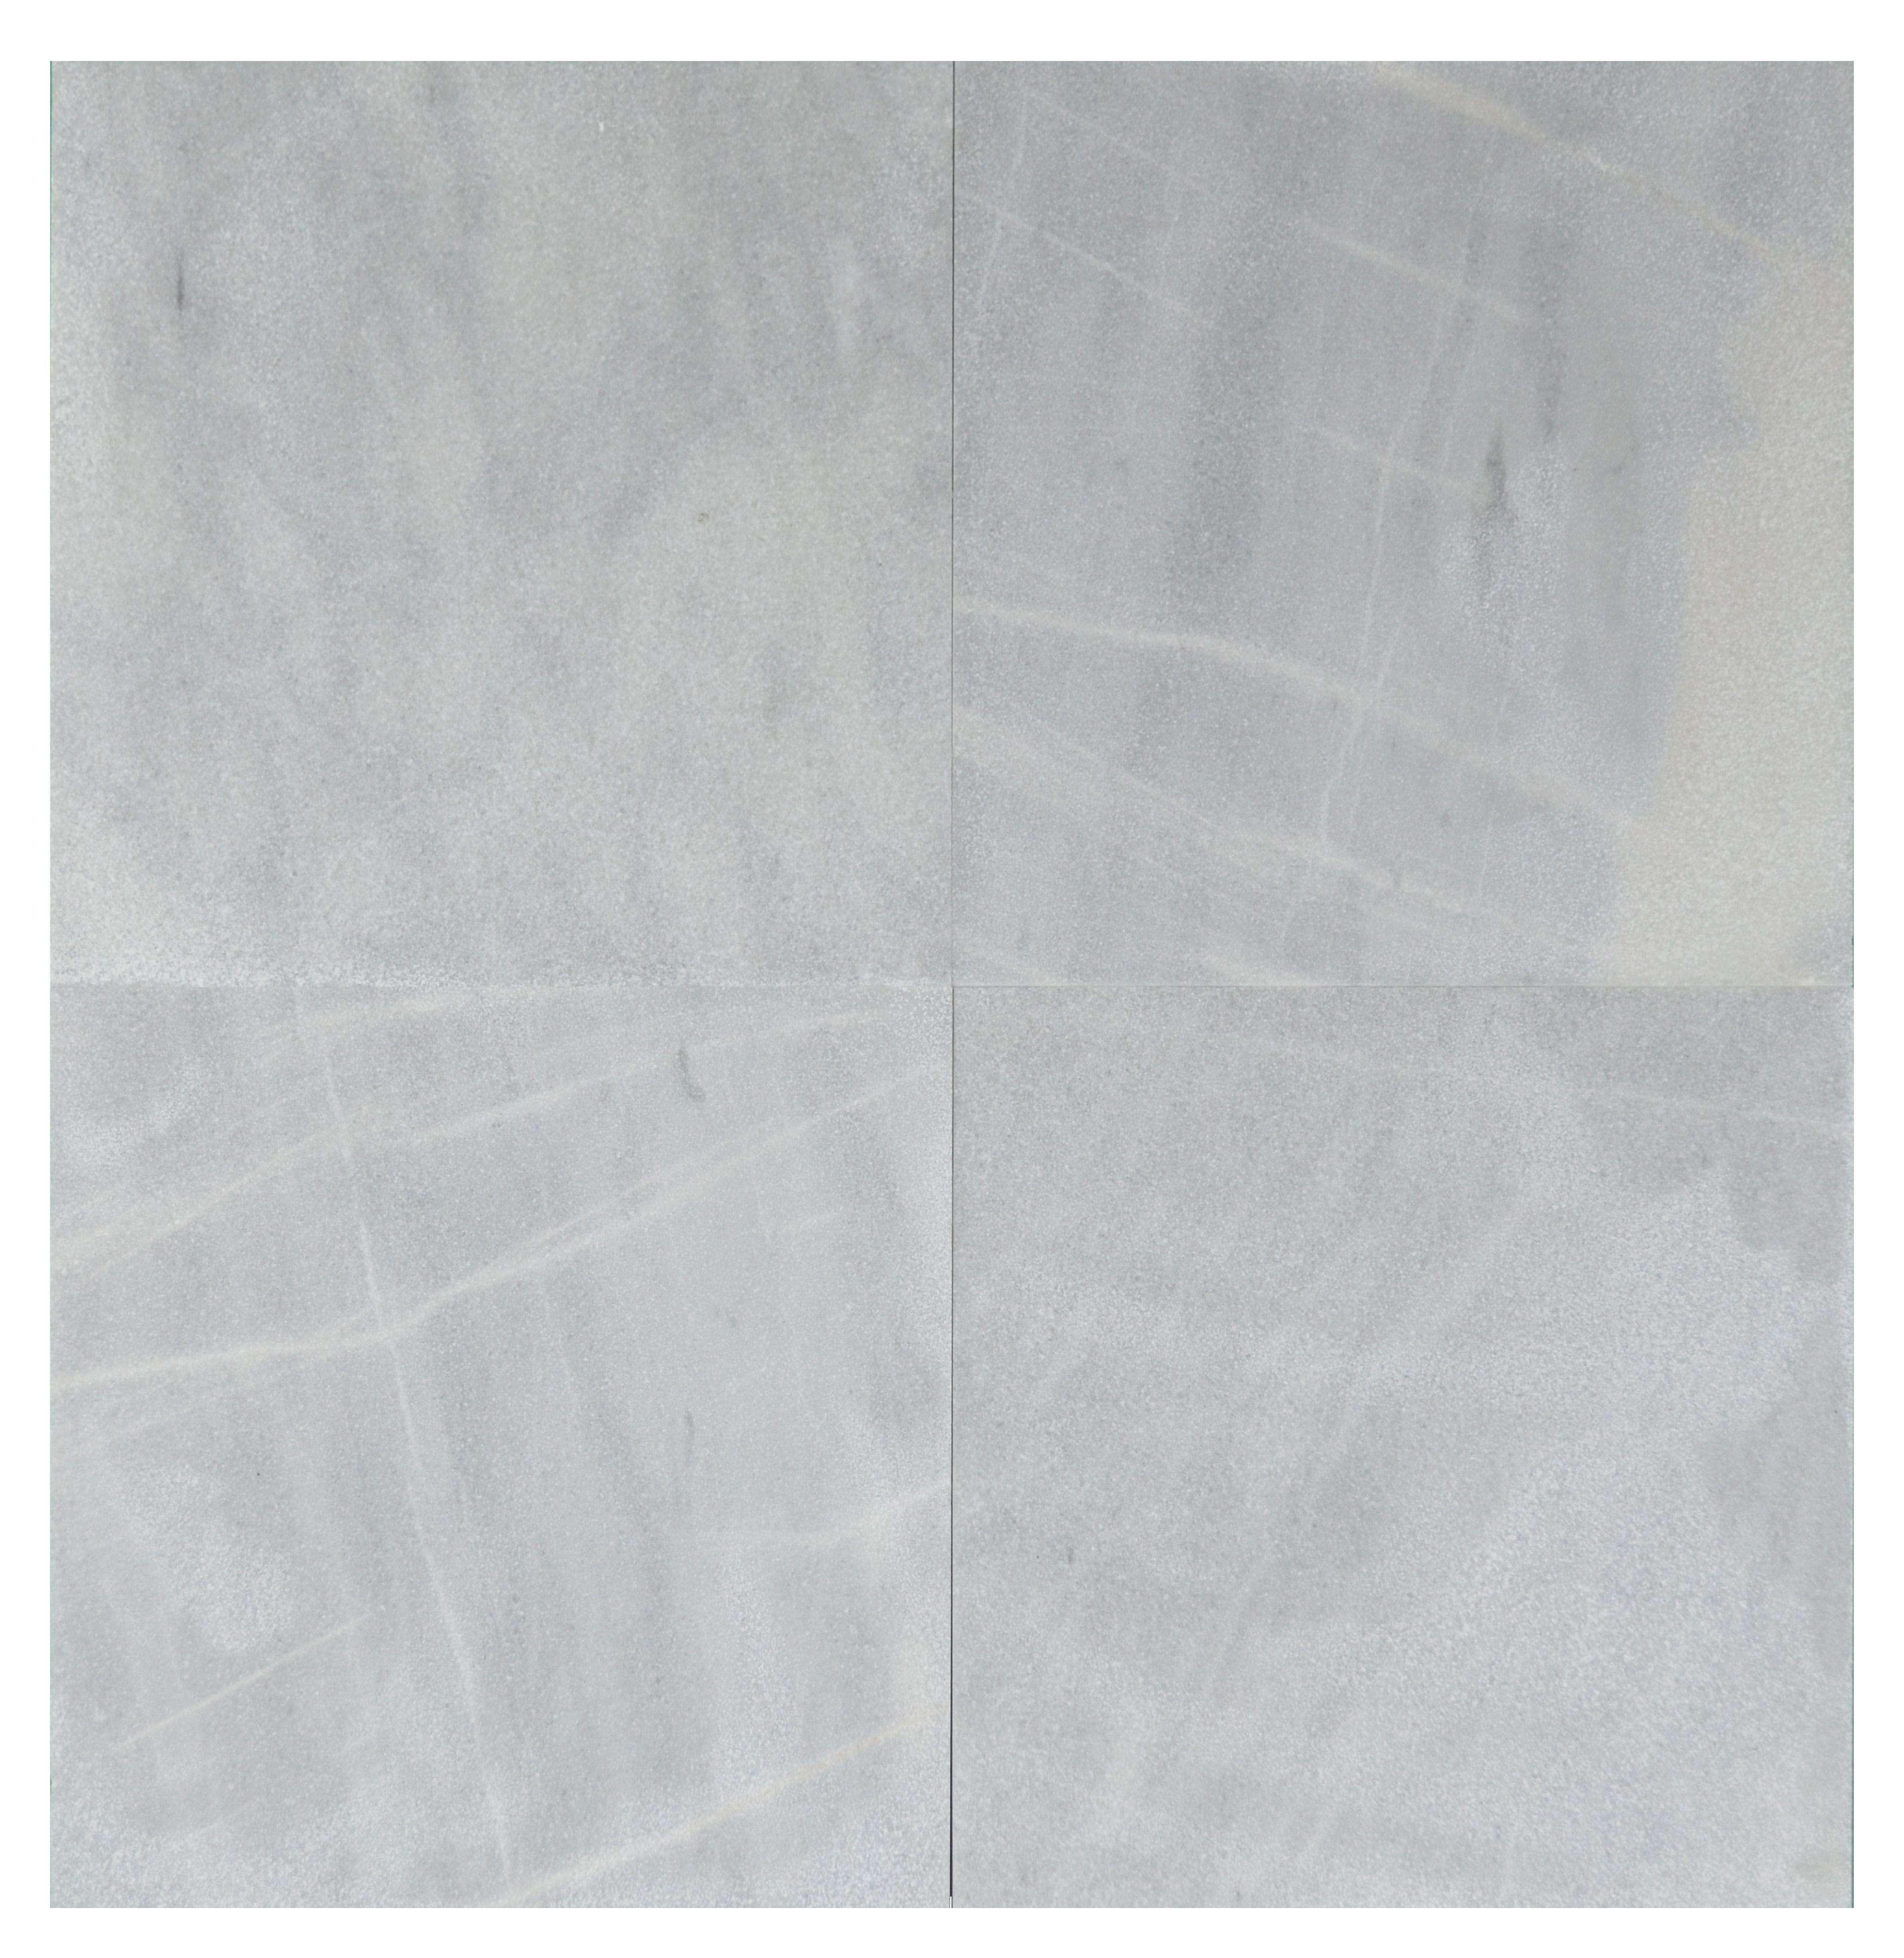 18 x 18 marble floor tile 18 in x 18 in emperador dark for 18 x 18 tile floor